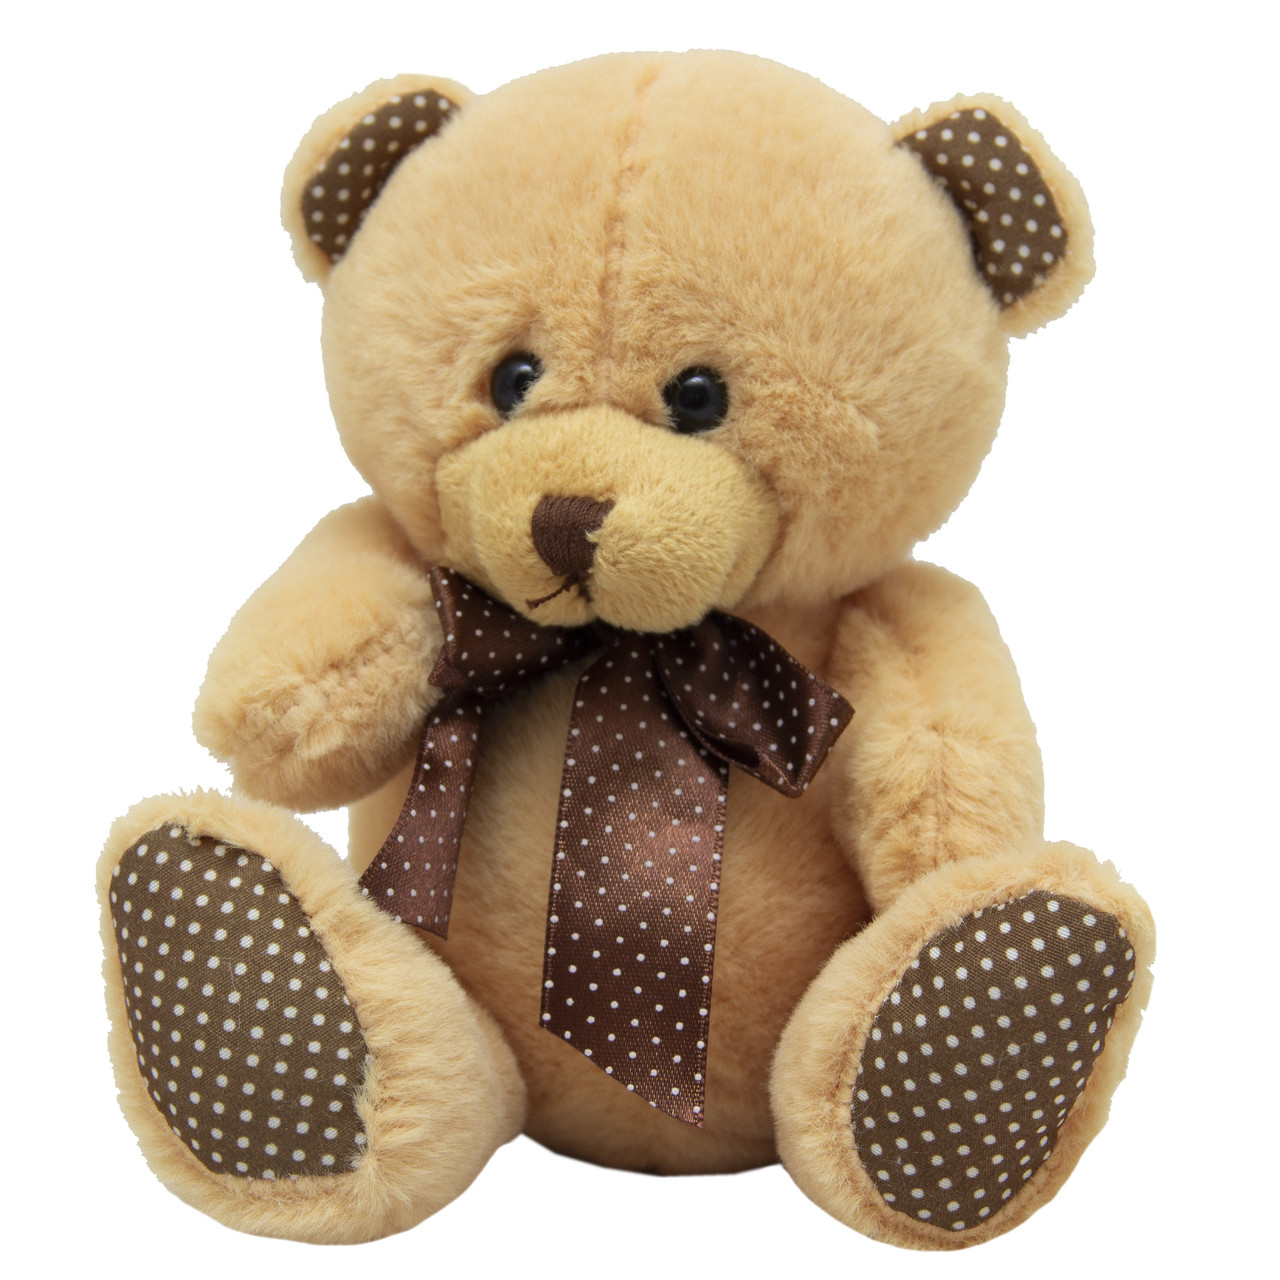 Мягкая игрушка Медведь, золотой с бантом, 15 см (043156-6-2)